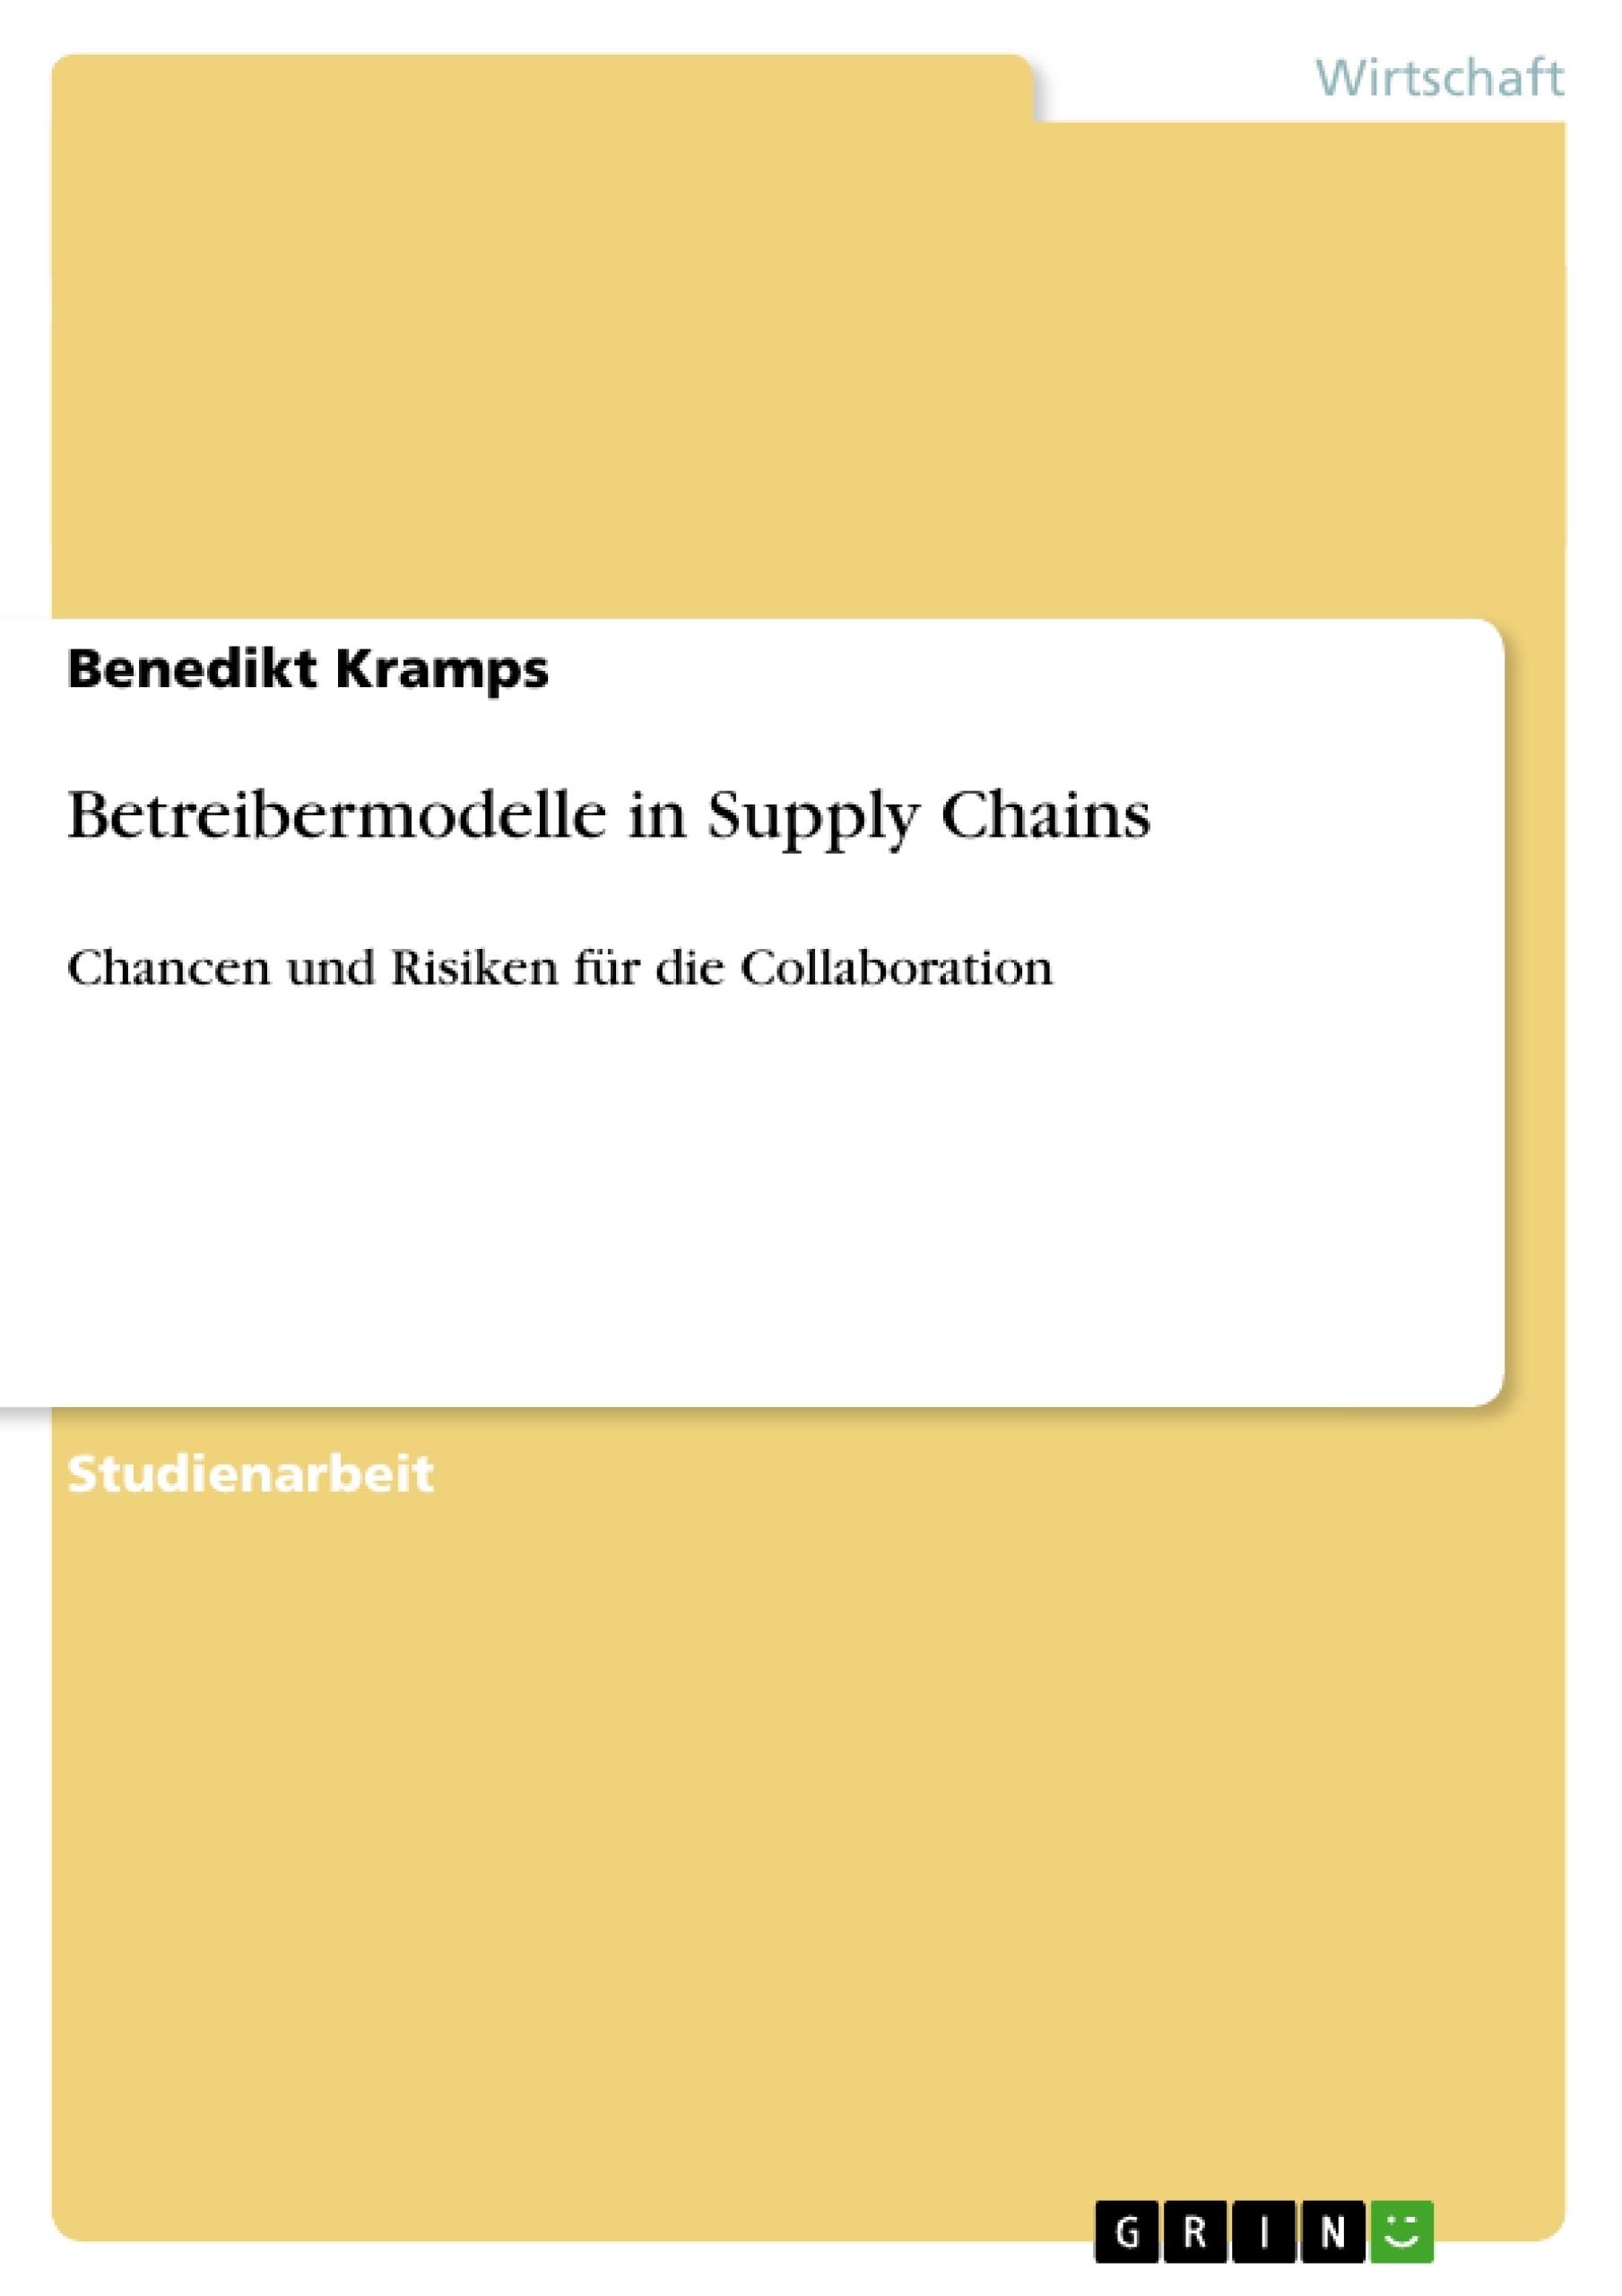 Titel: Betreibermodelle in Supply Chains